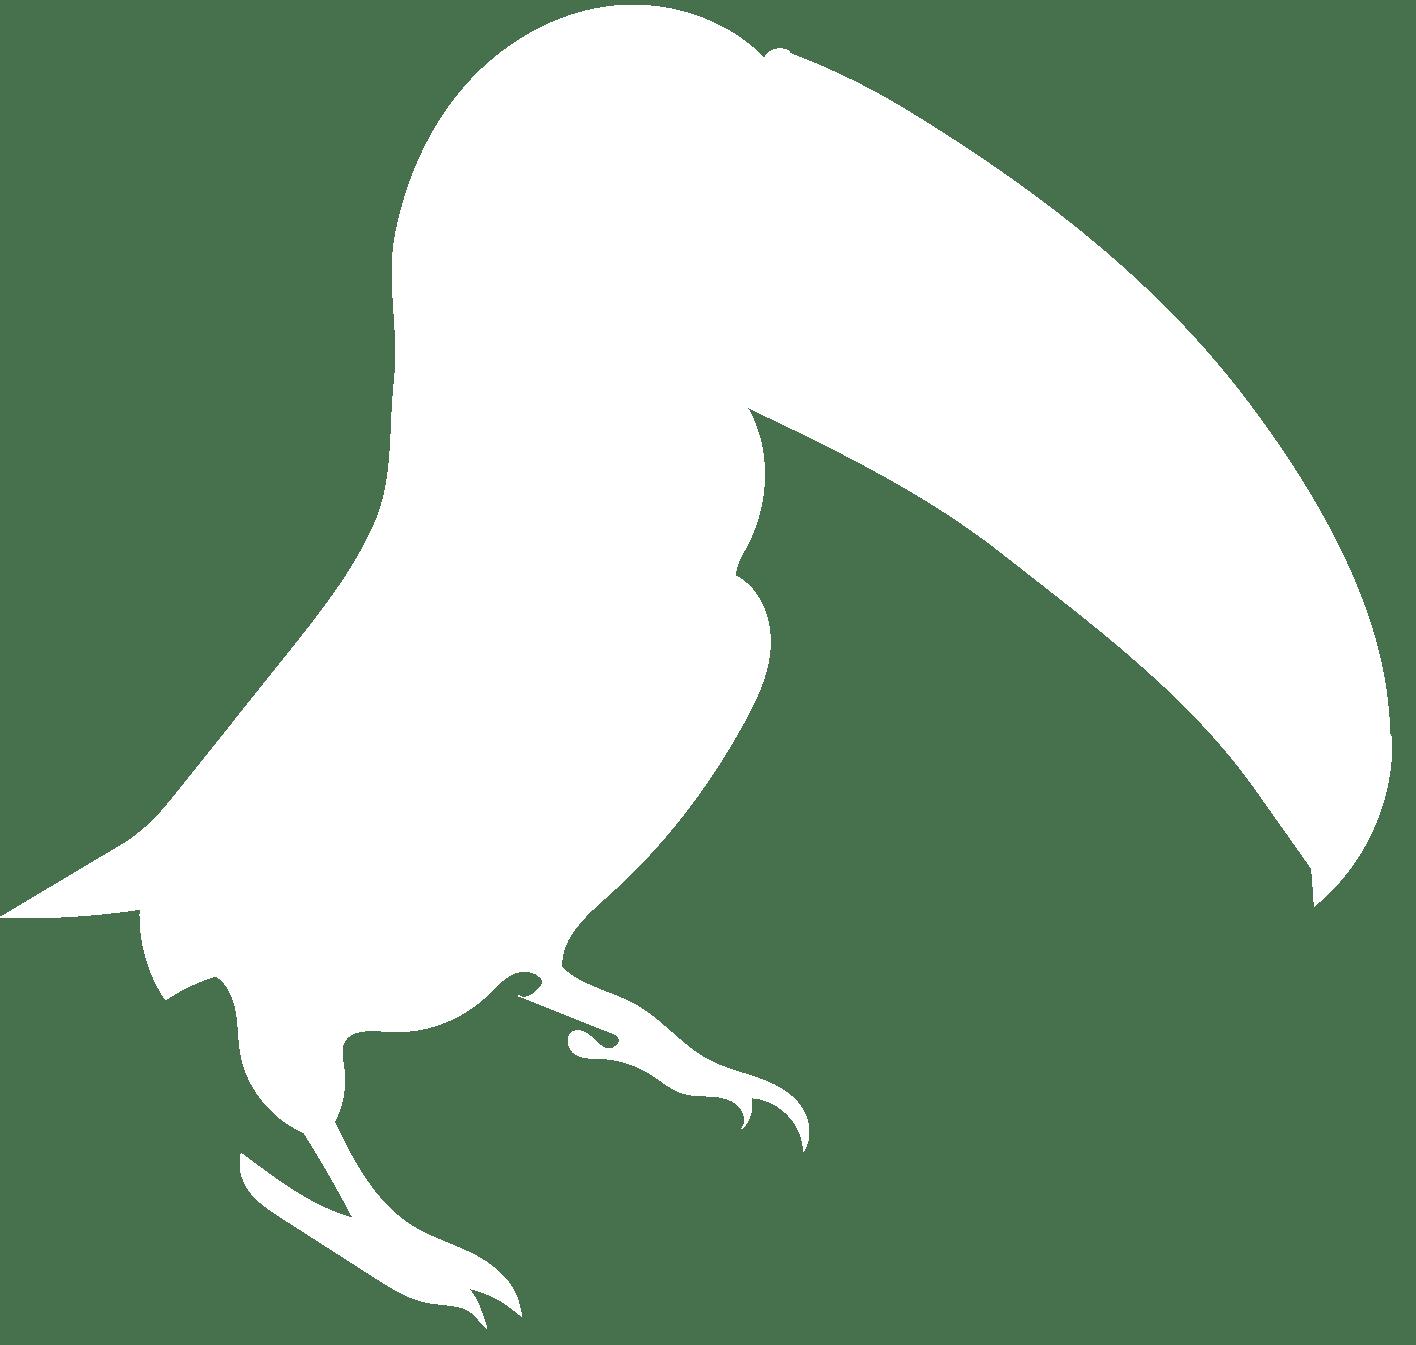 Toucan icon white